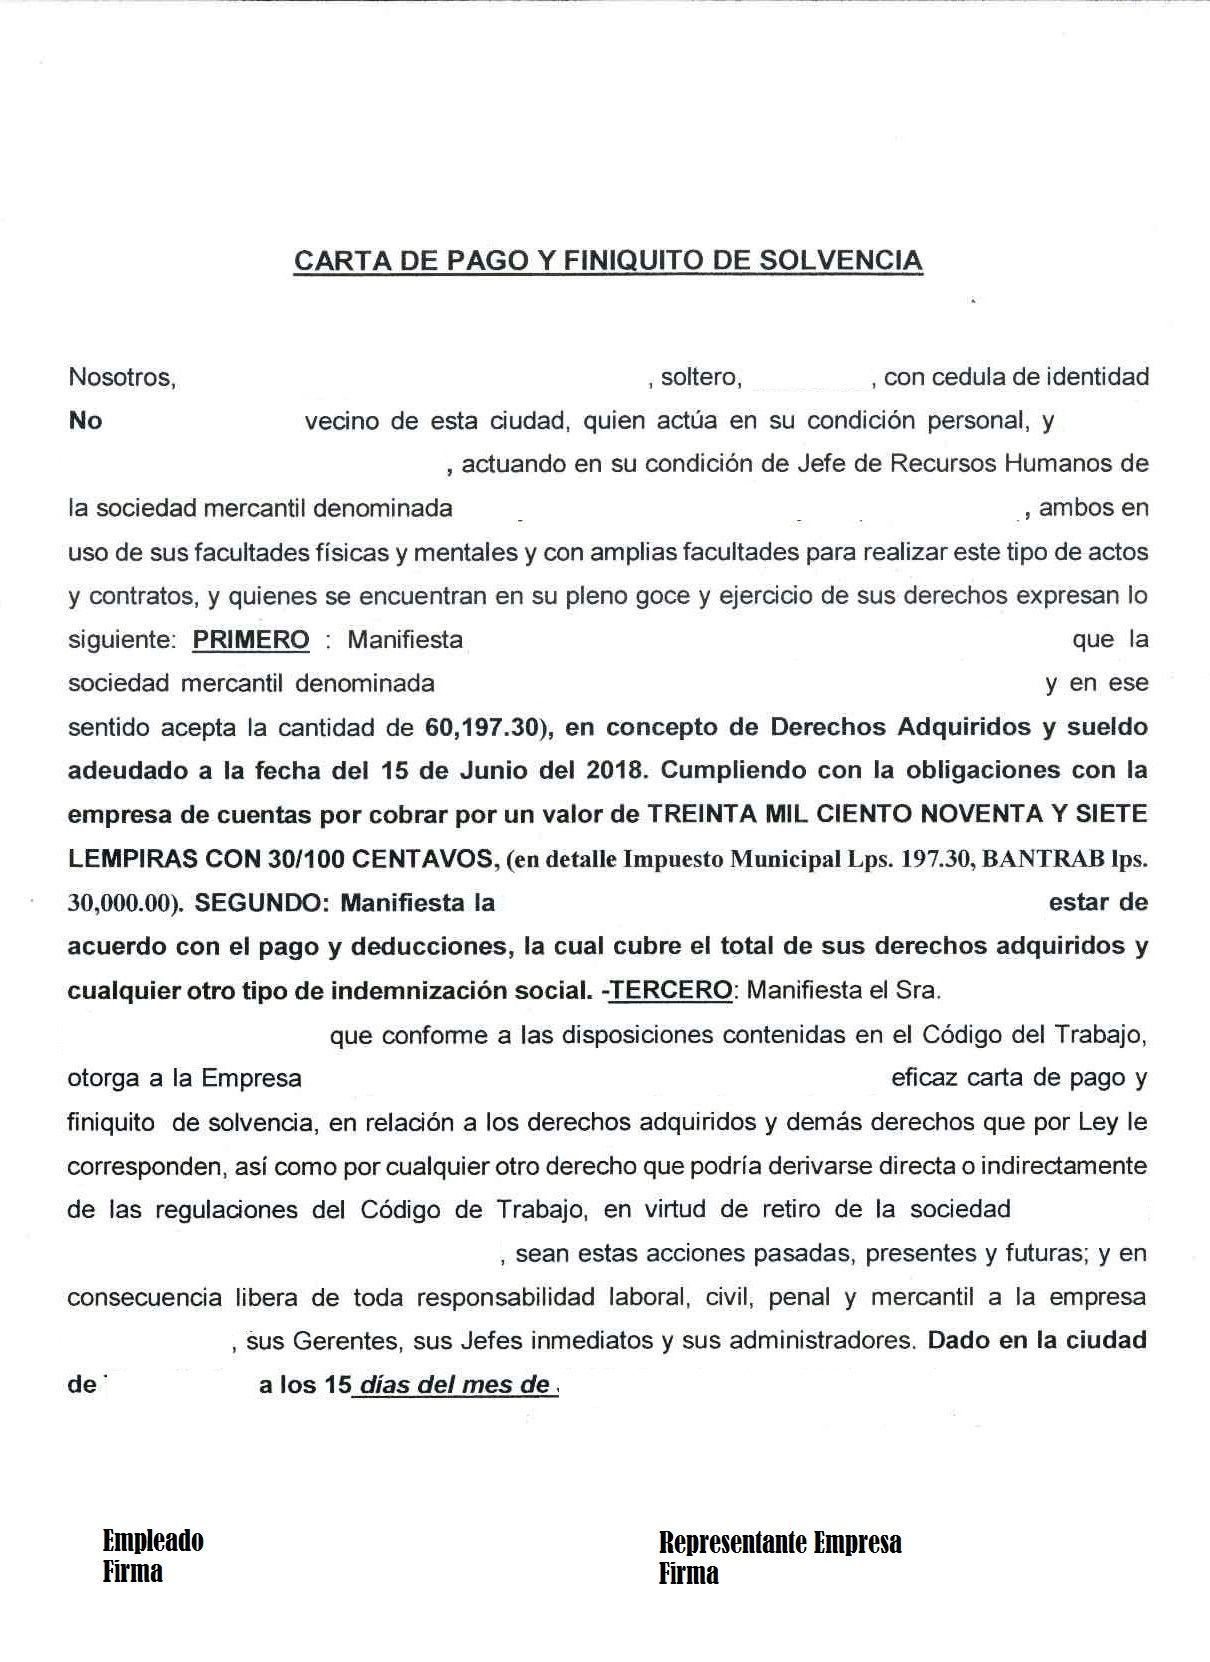 Carta De Finiquito Ejemplo Para Imprimir Y Agregar Otros Datos Del Empleado Y Empresa Ejemplo De Carta Cartas Sociedad Mercantil